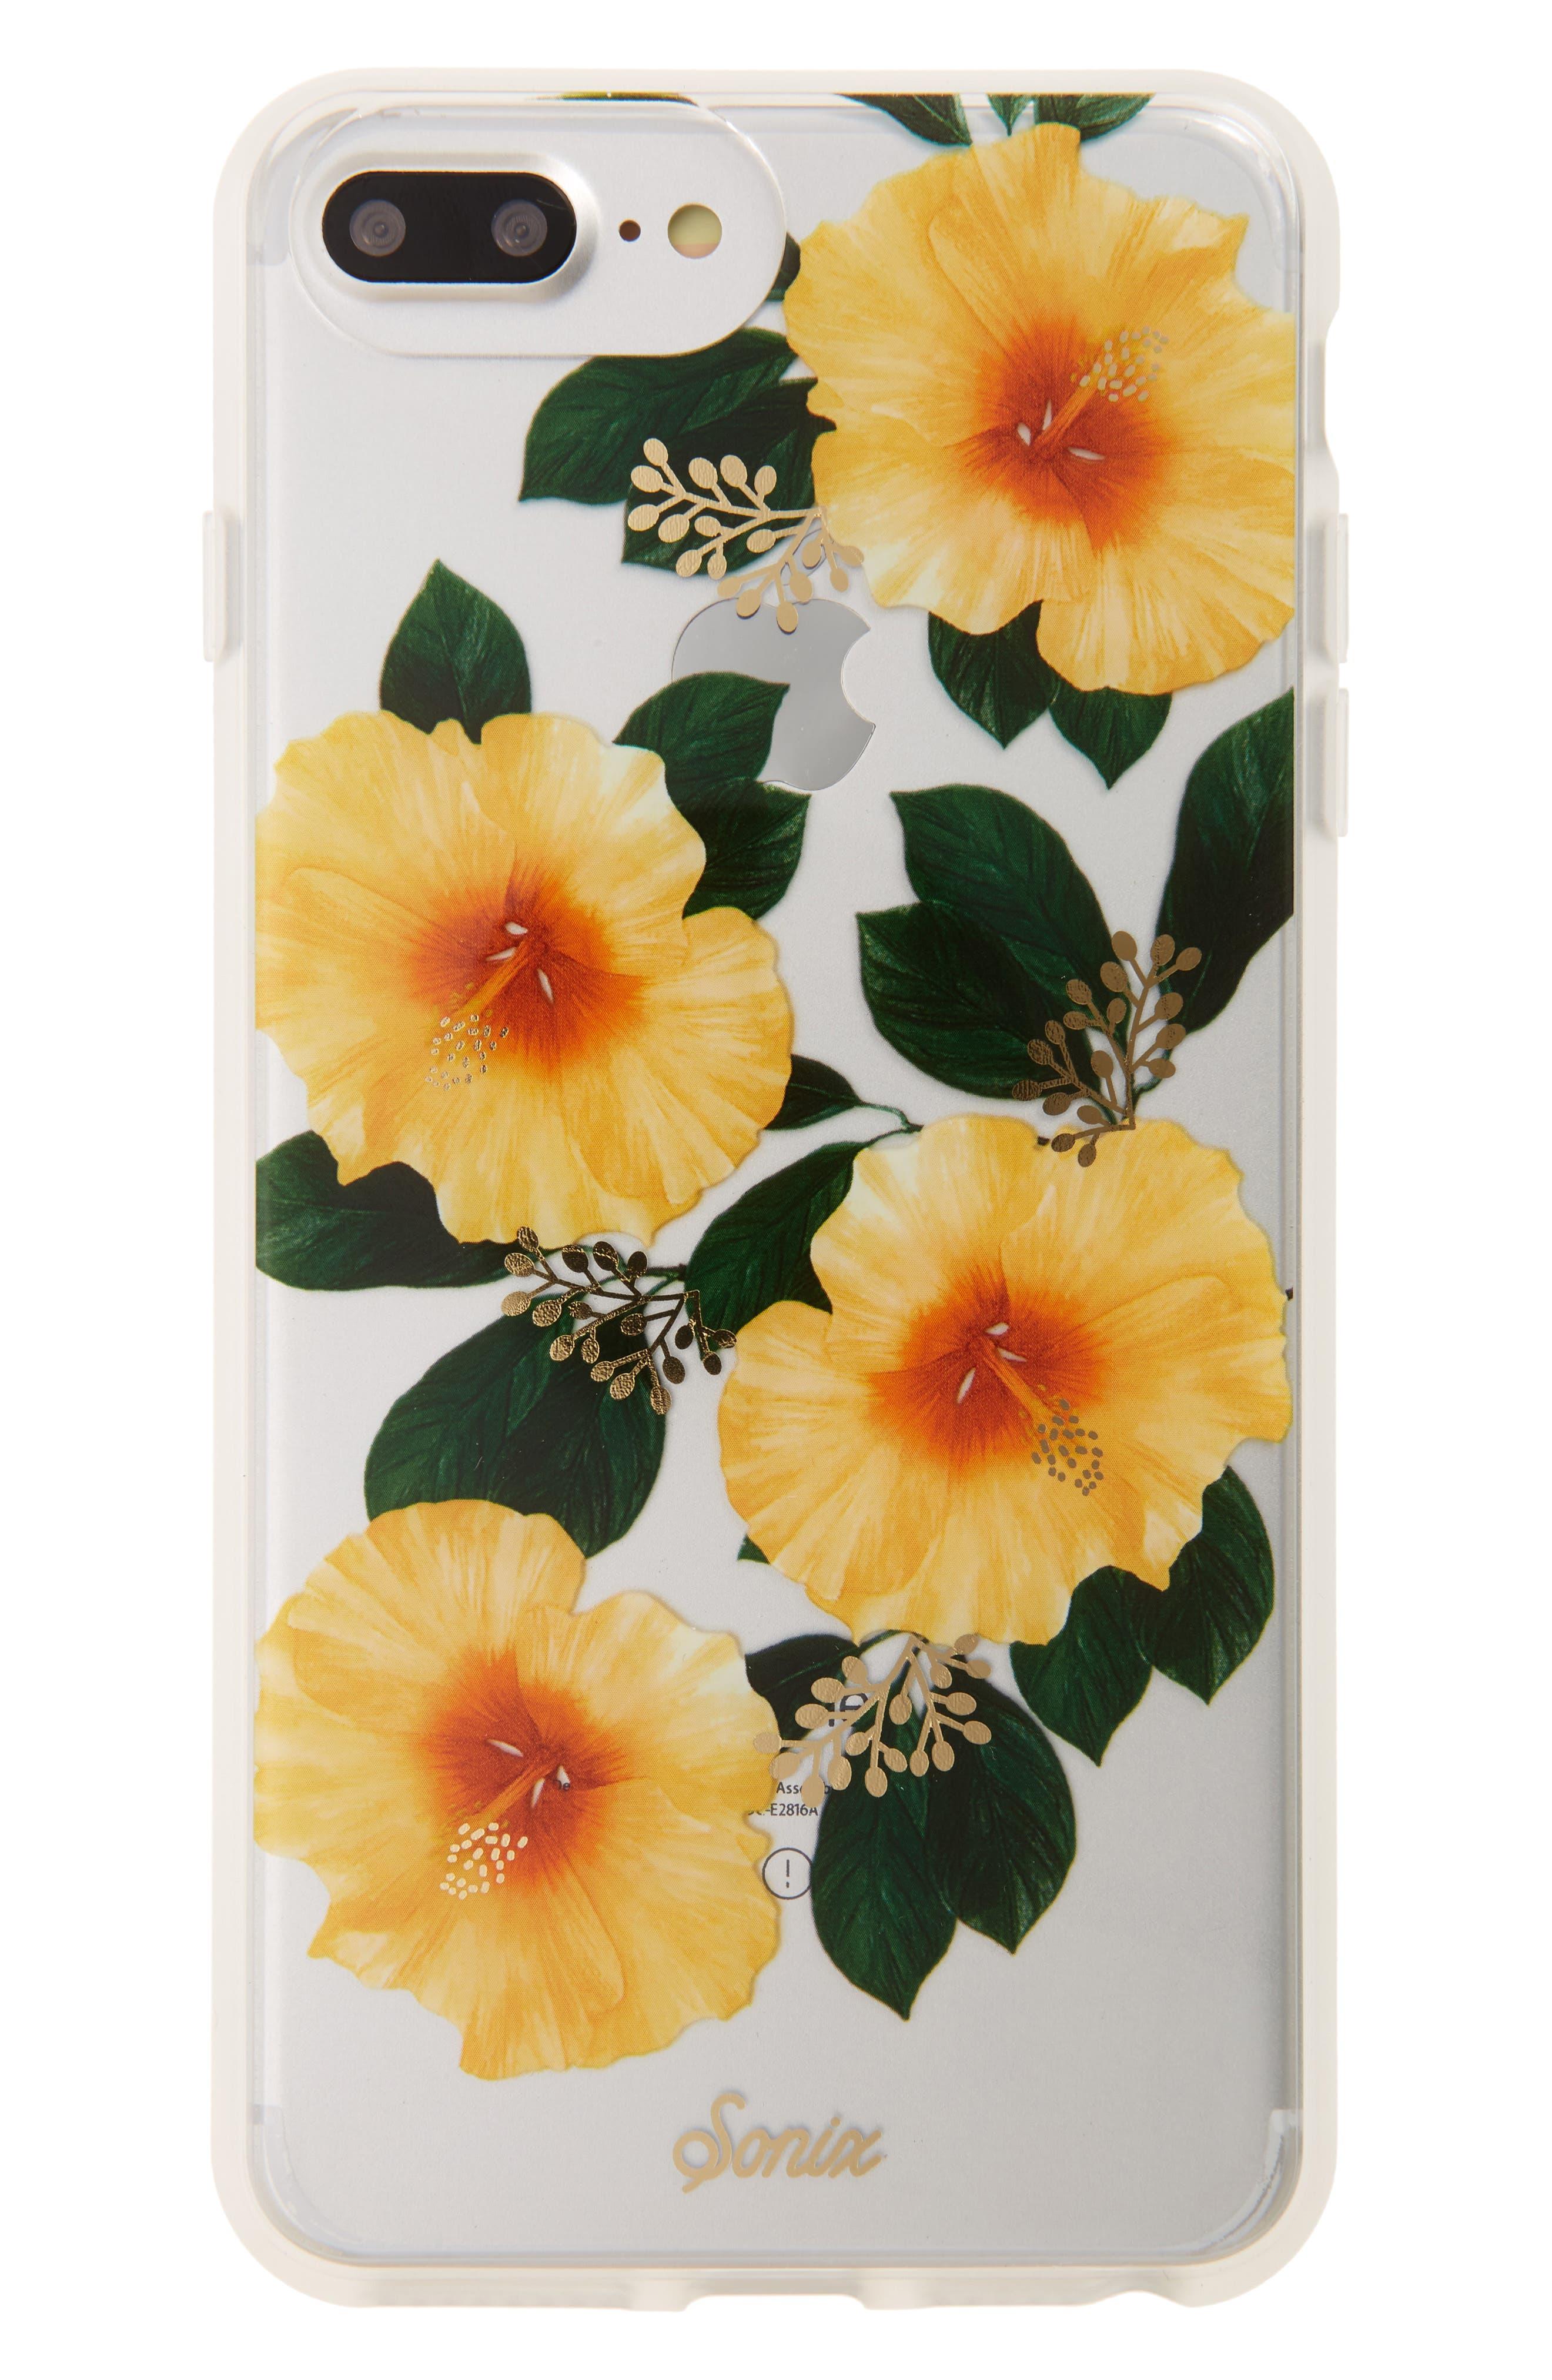 Alternate Image 1 Selected - Sonix Hibiscus iPhone 6/6s/7/8 & 6/6s/7/8 Plus Case